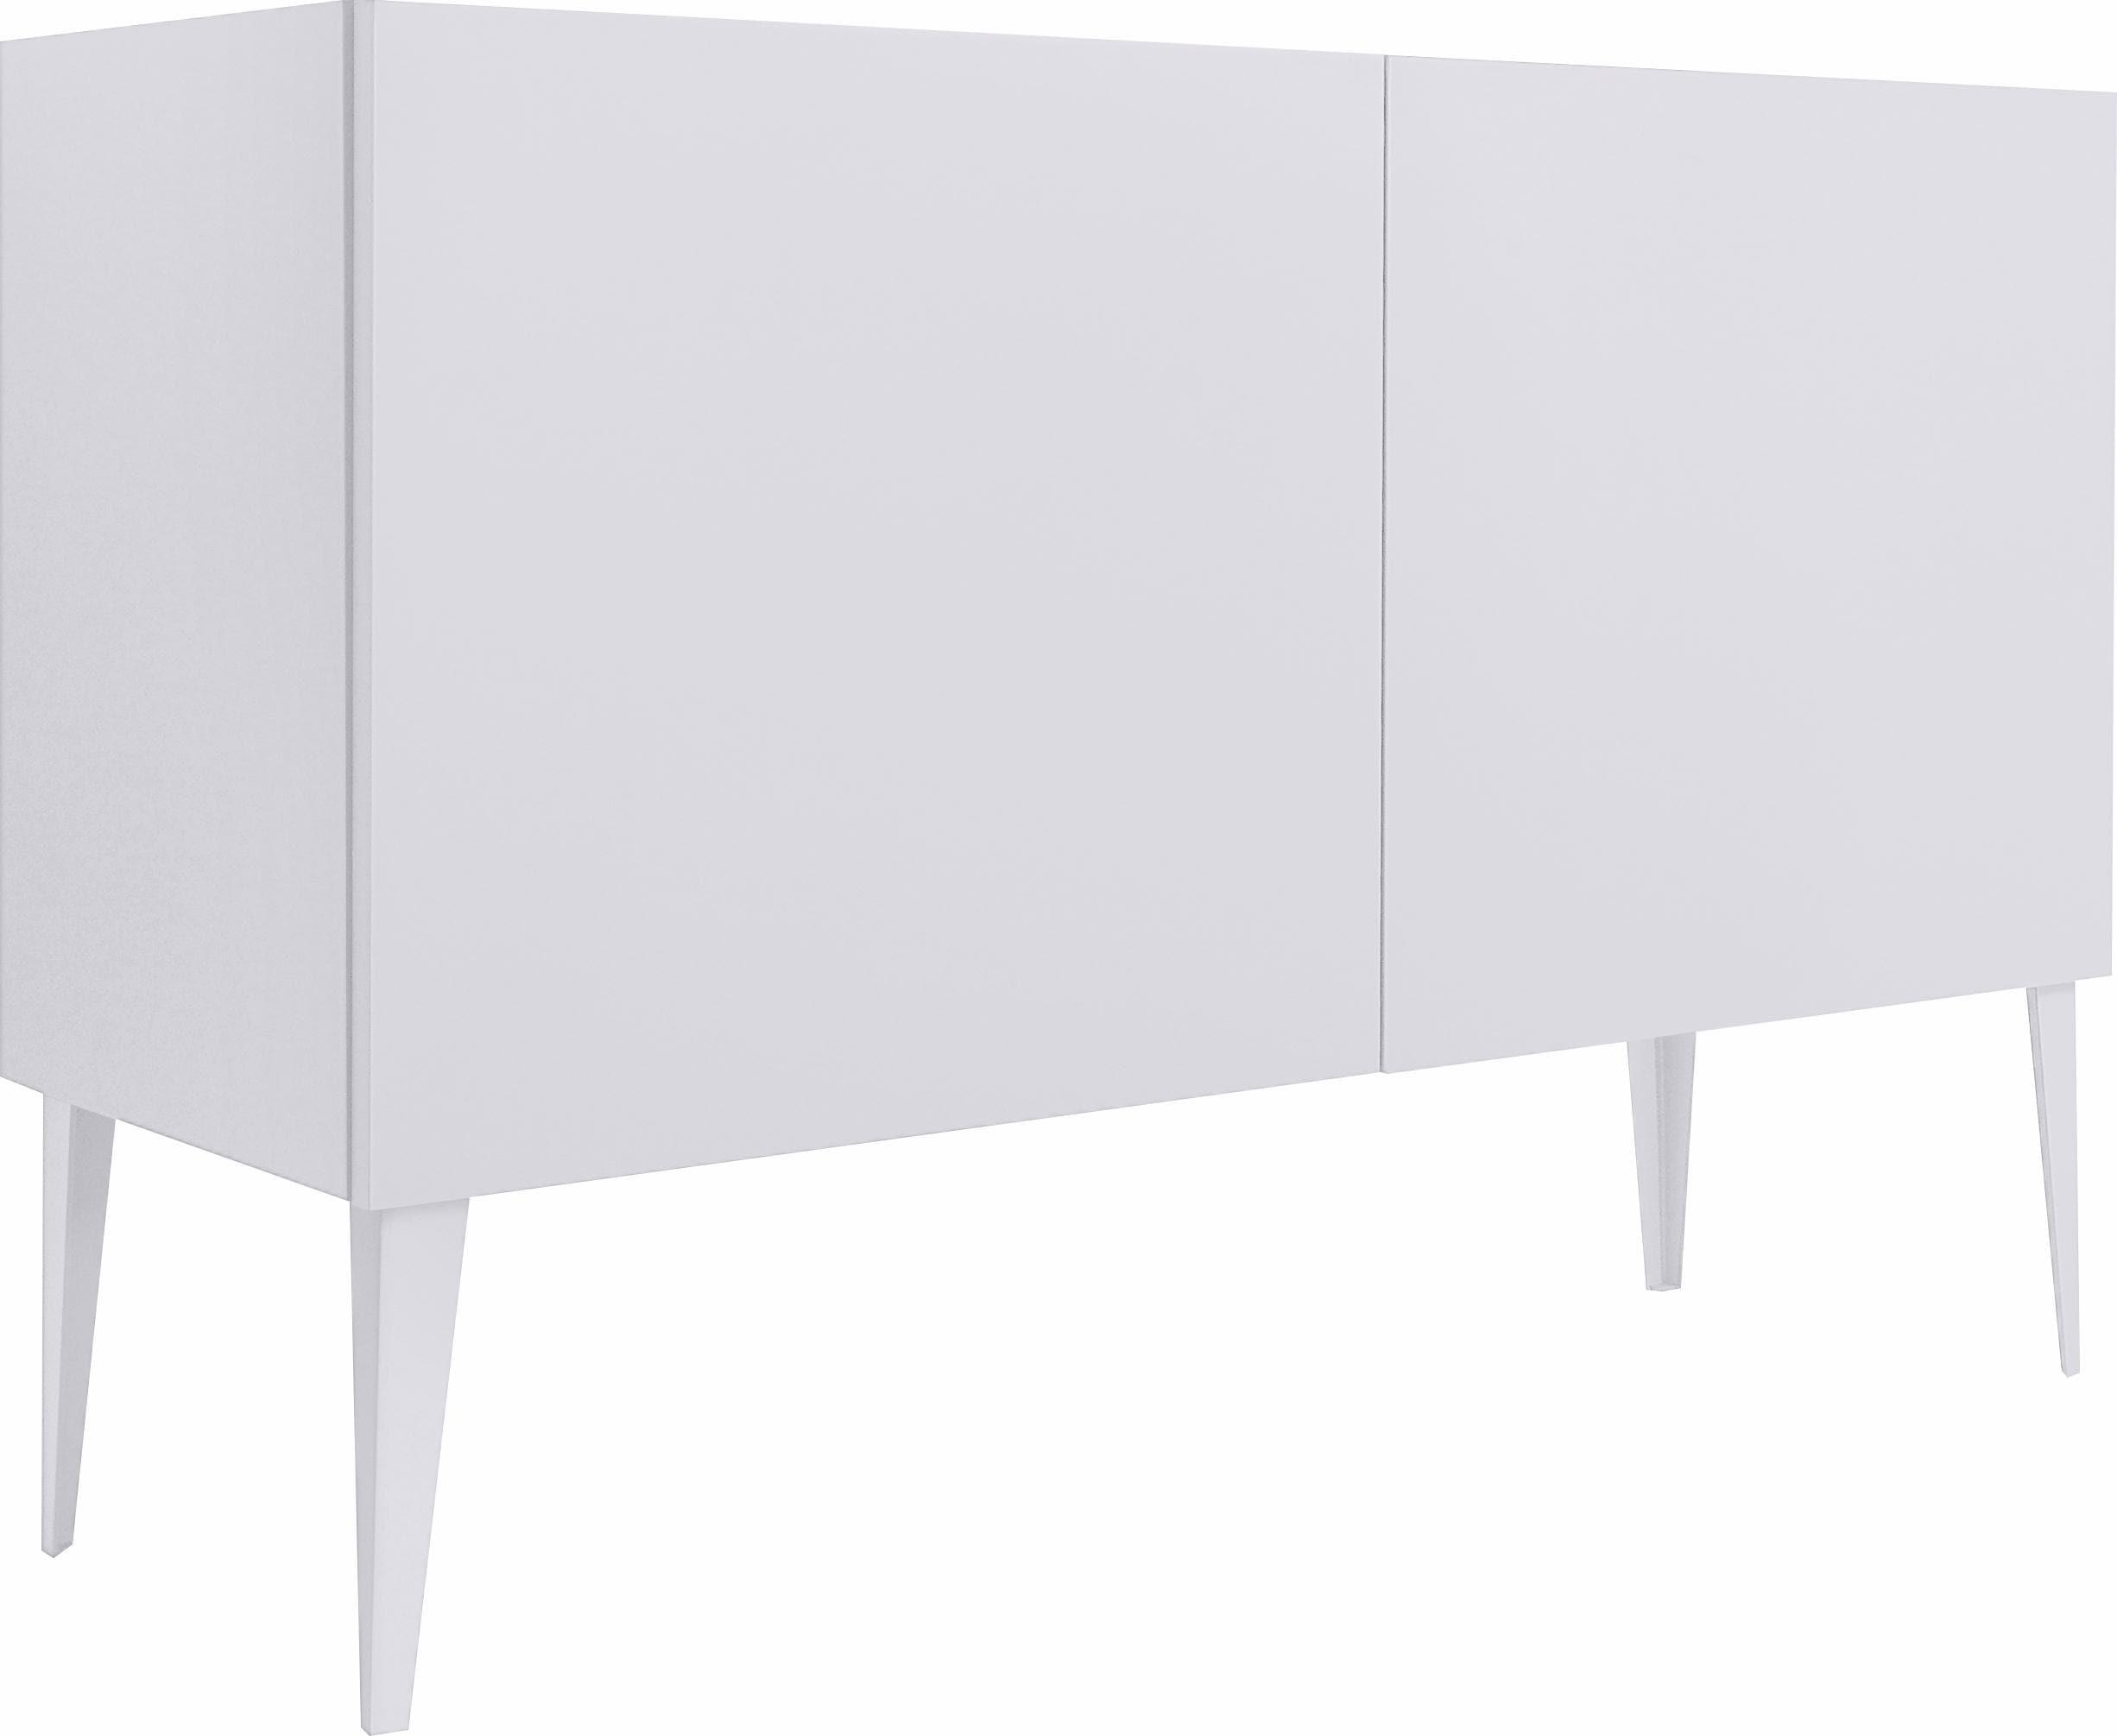 Faszinierend Sideboard Mit Füßen Foto Von Places Of Style »zelaÂ«, 2-türig, Füßen, Breite